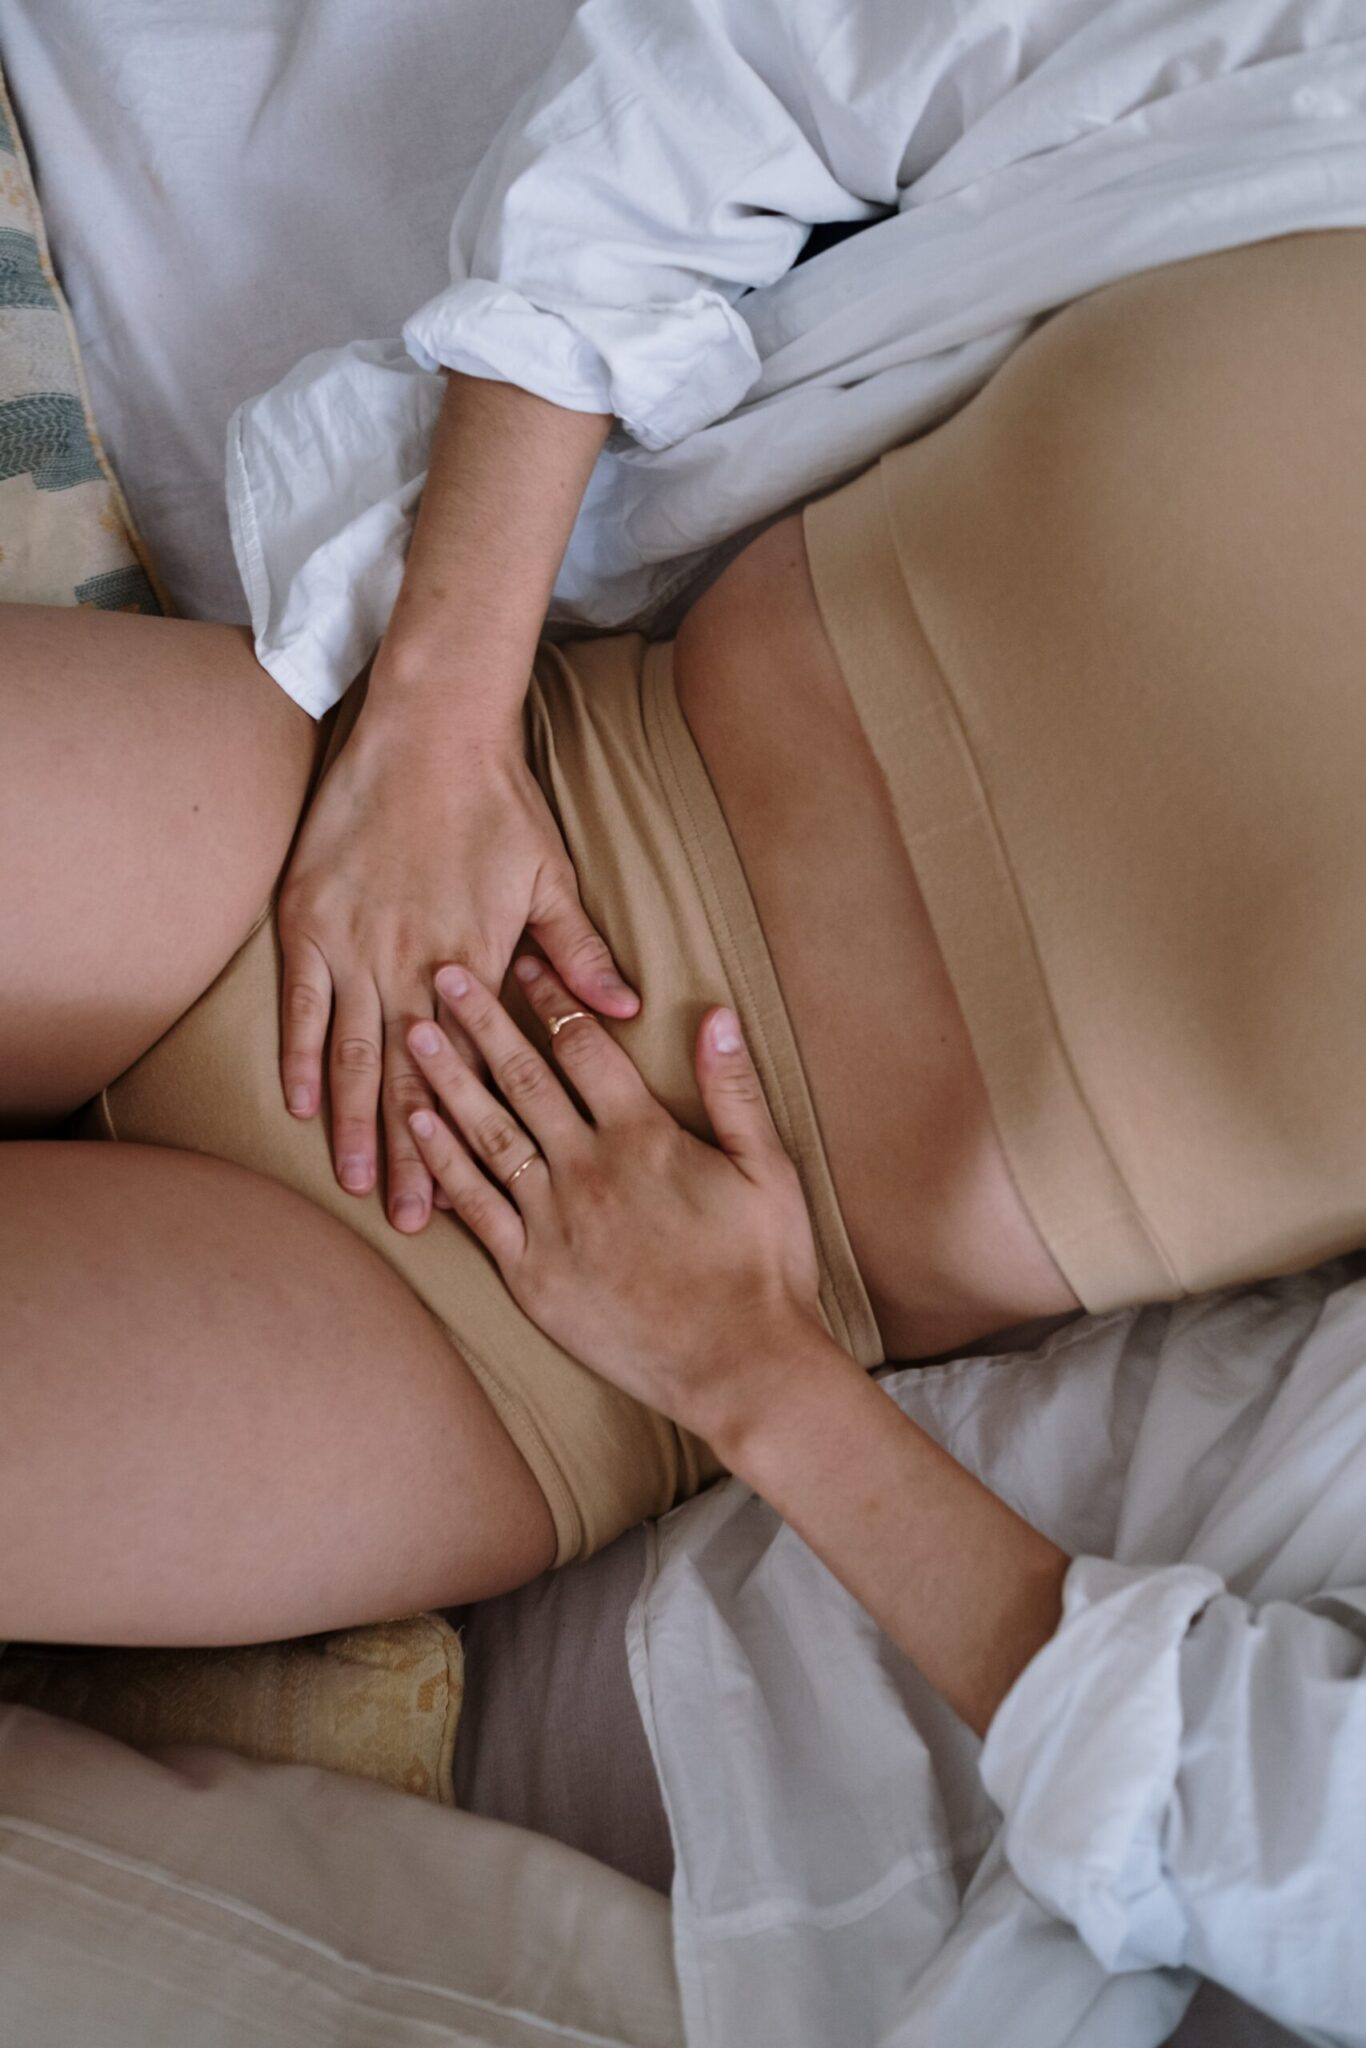 рекомендации женщинам после операции по удалению бартолиновых желез